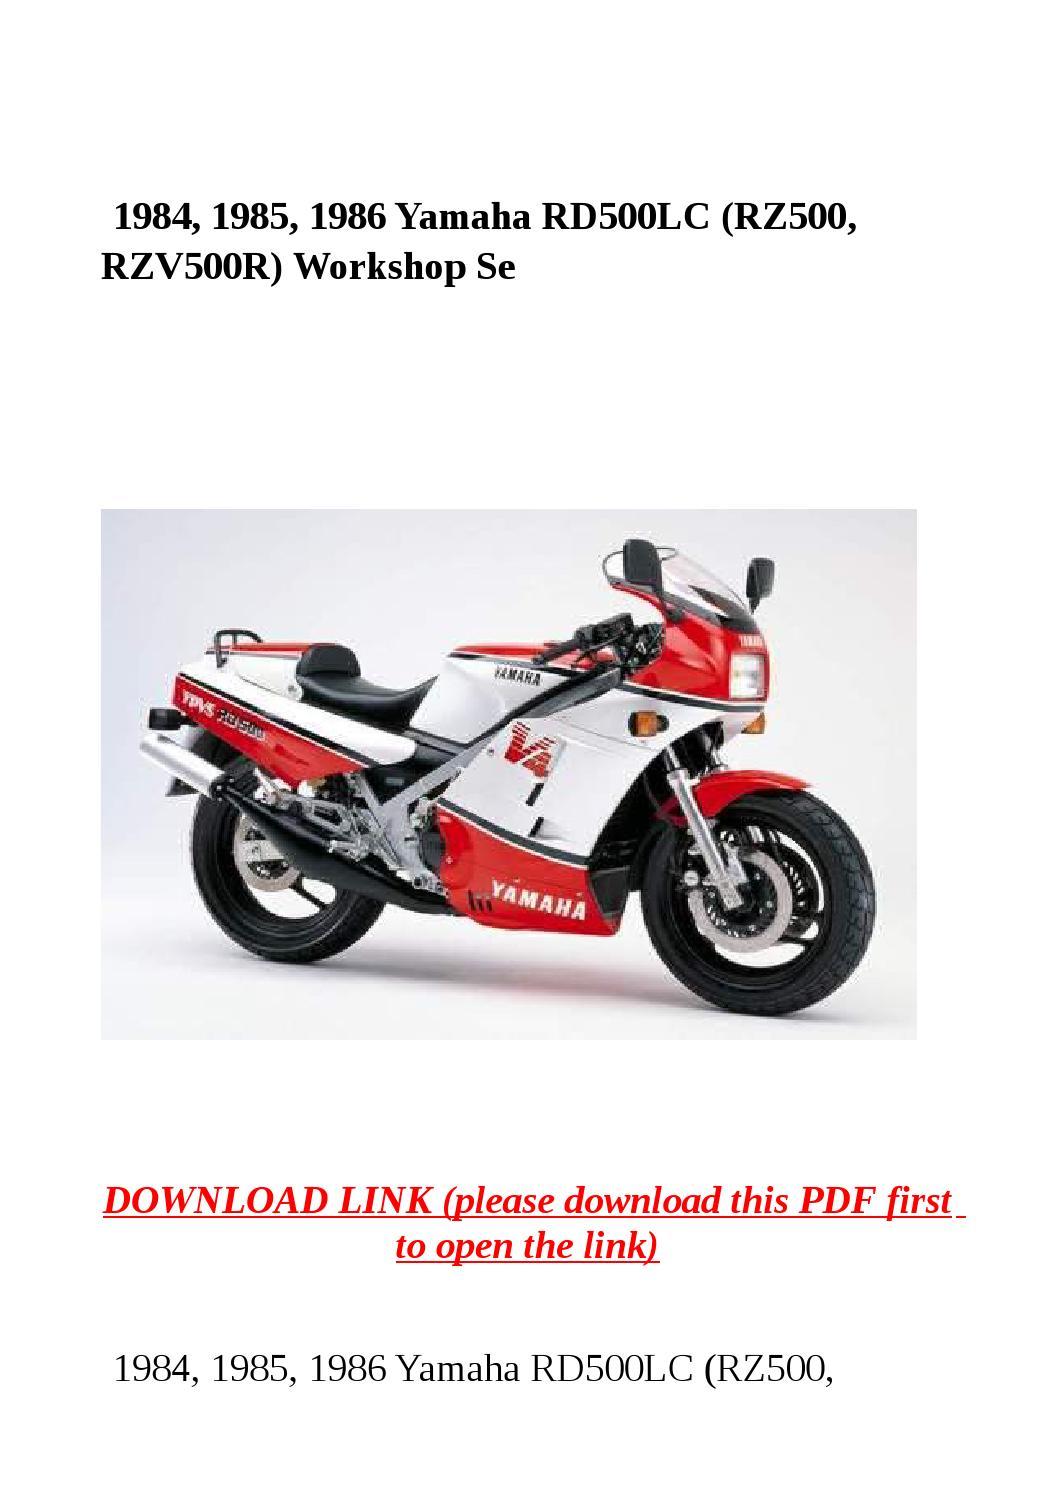 1984, 1985, 1986 yamaha rd500lc (rz500, rzv500r) workshop se by yghj - issuu